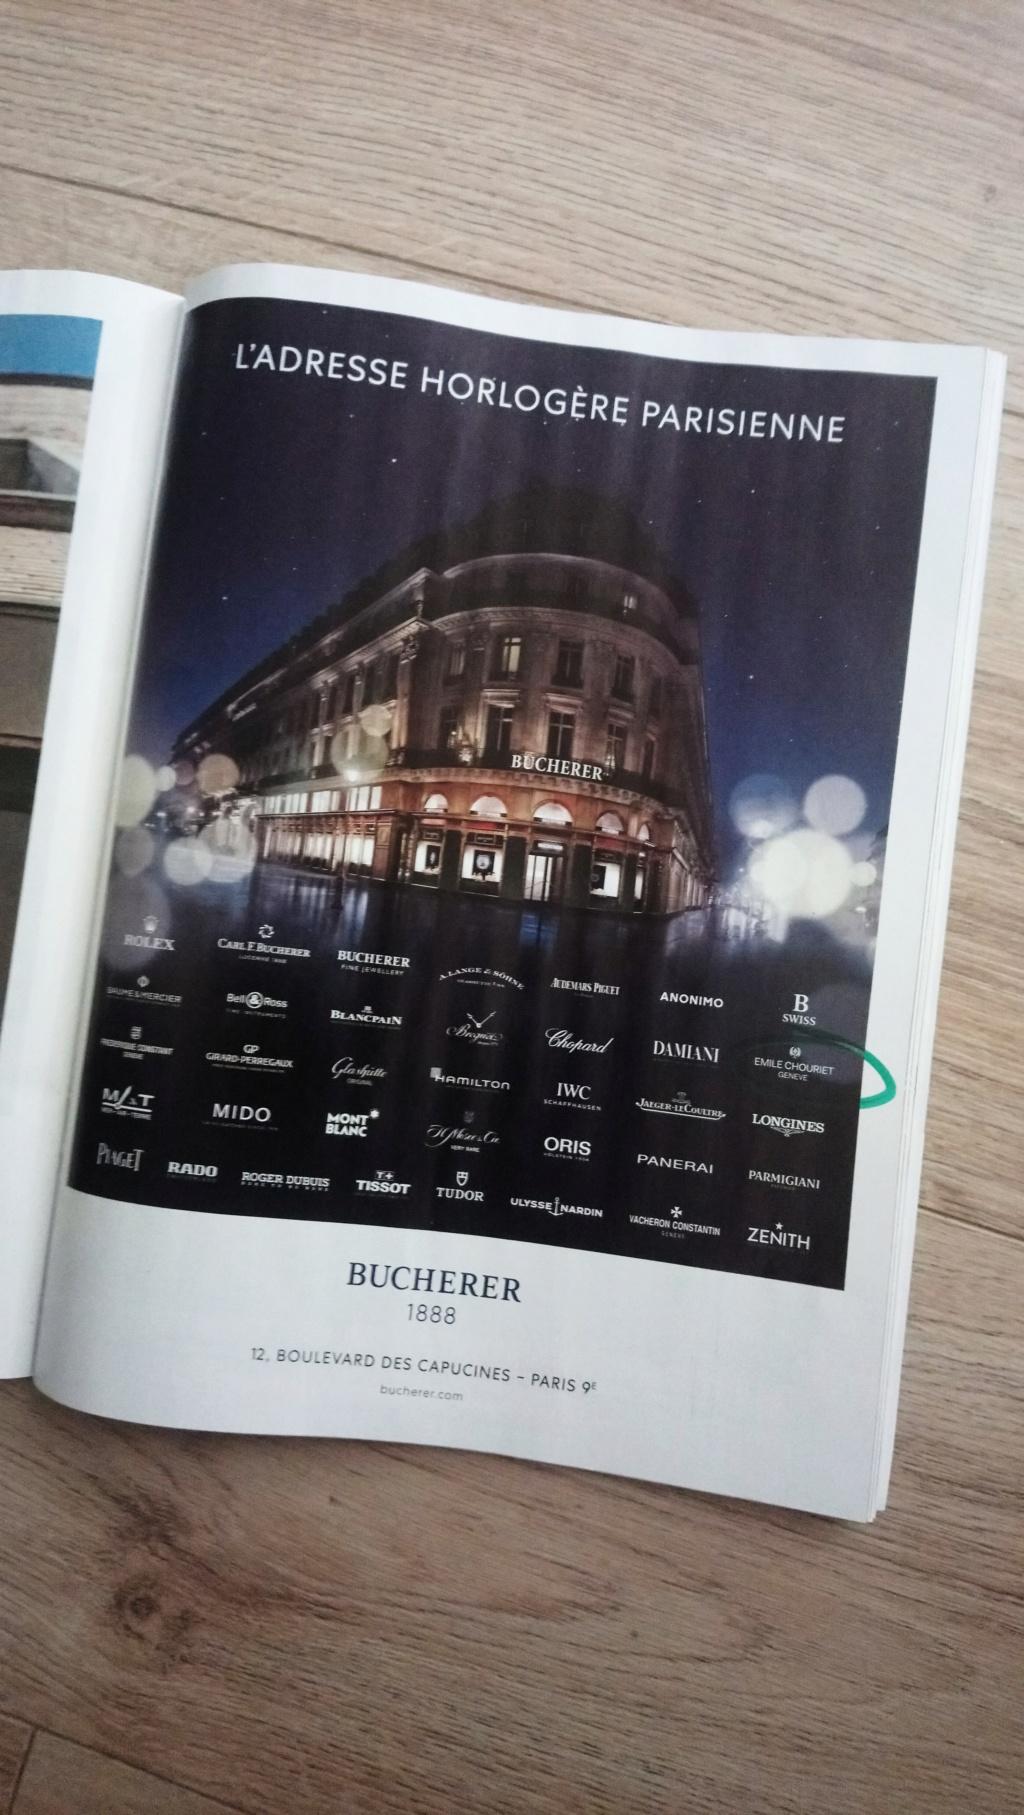 Le club des heureux possesseurs d'Emile Chouriet - Page 2 Bucher10